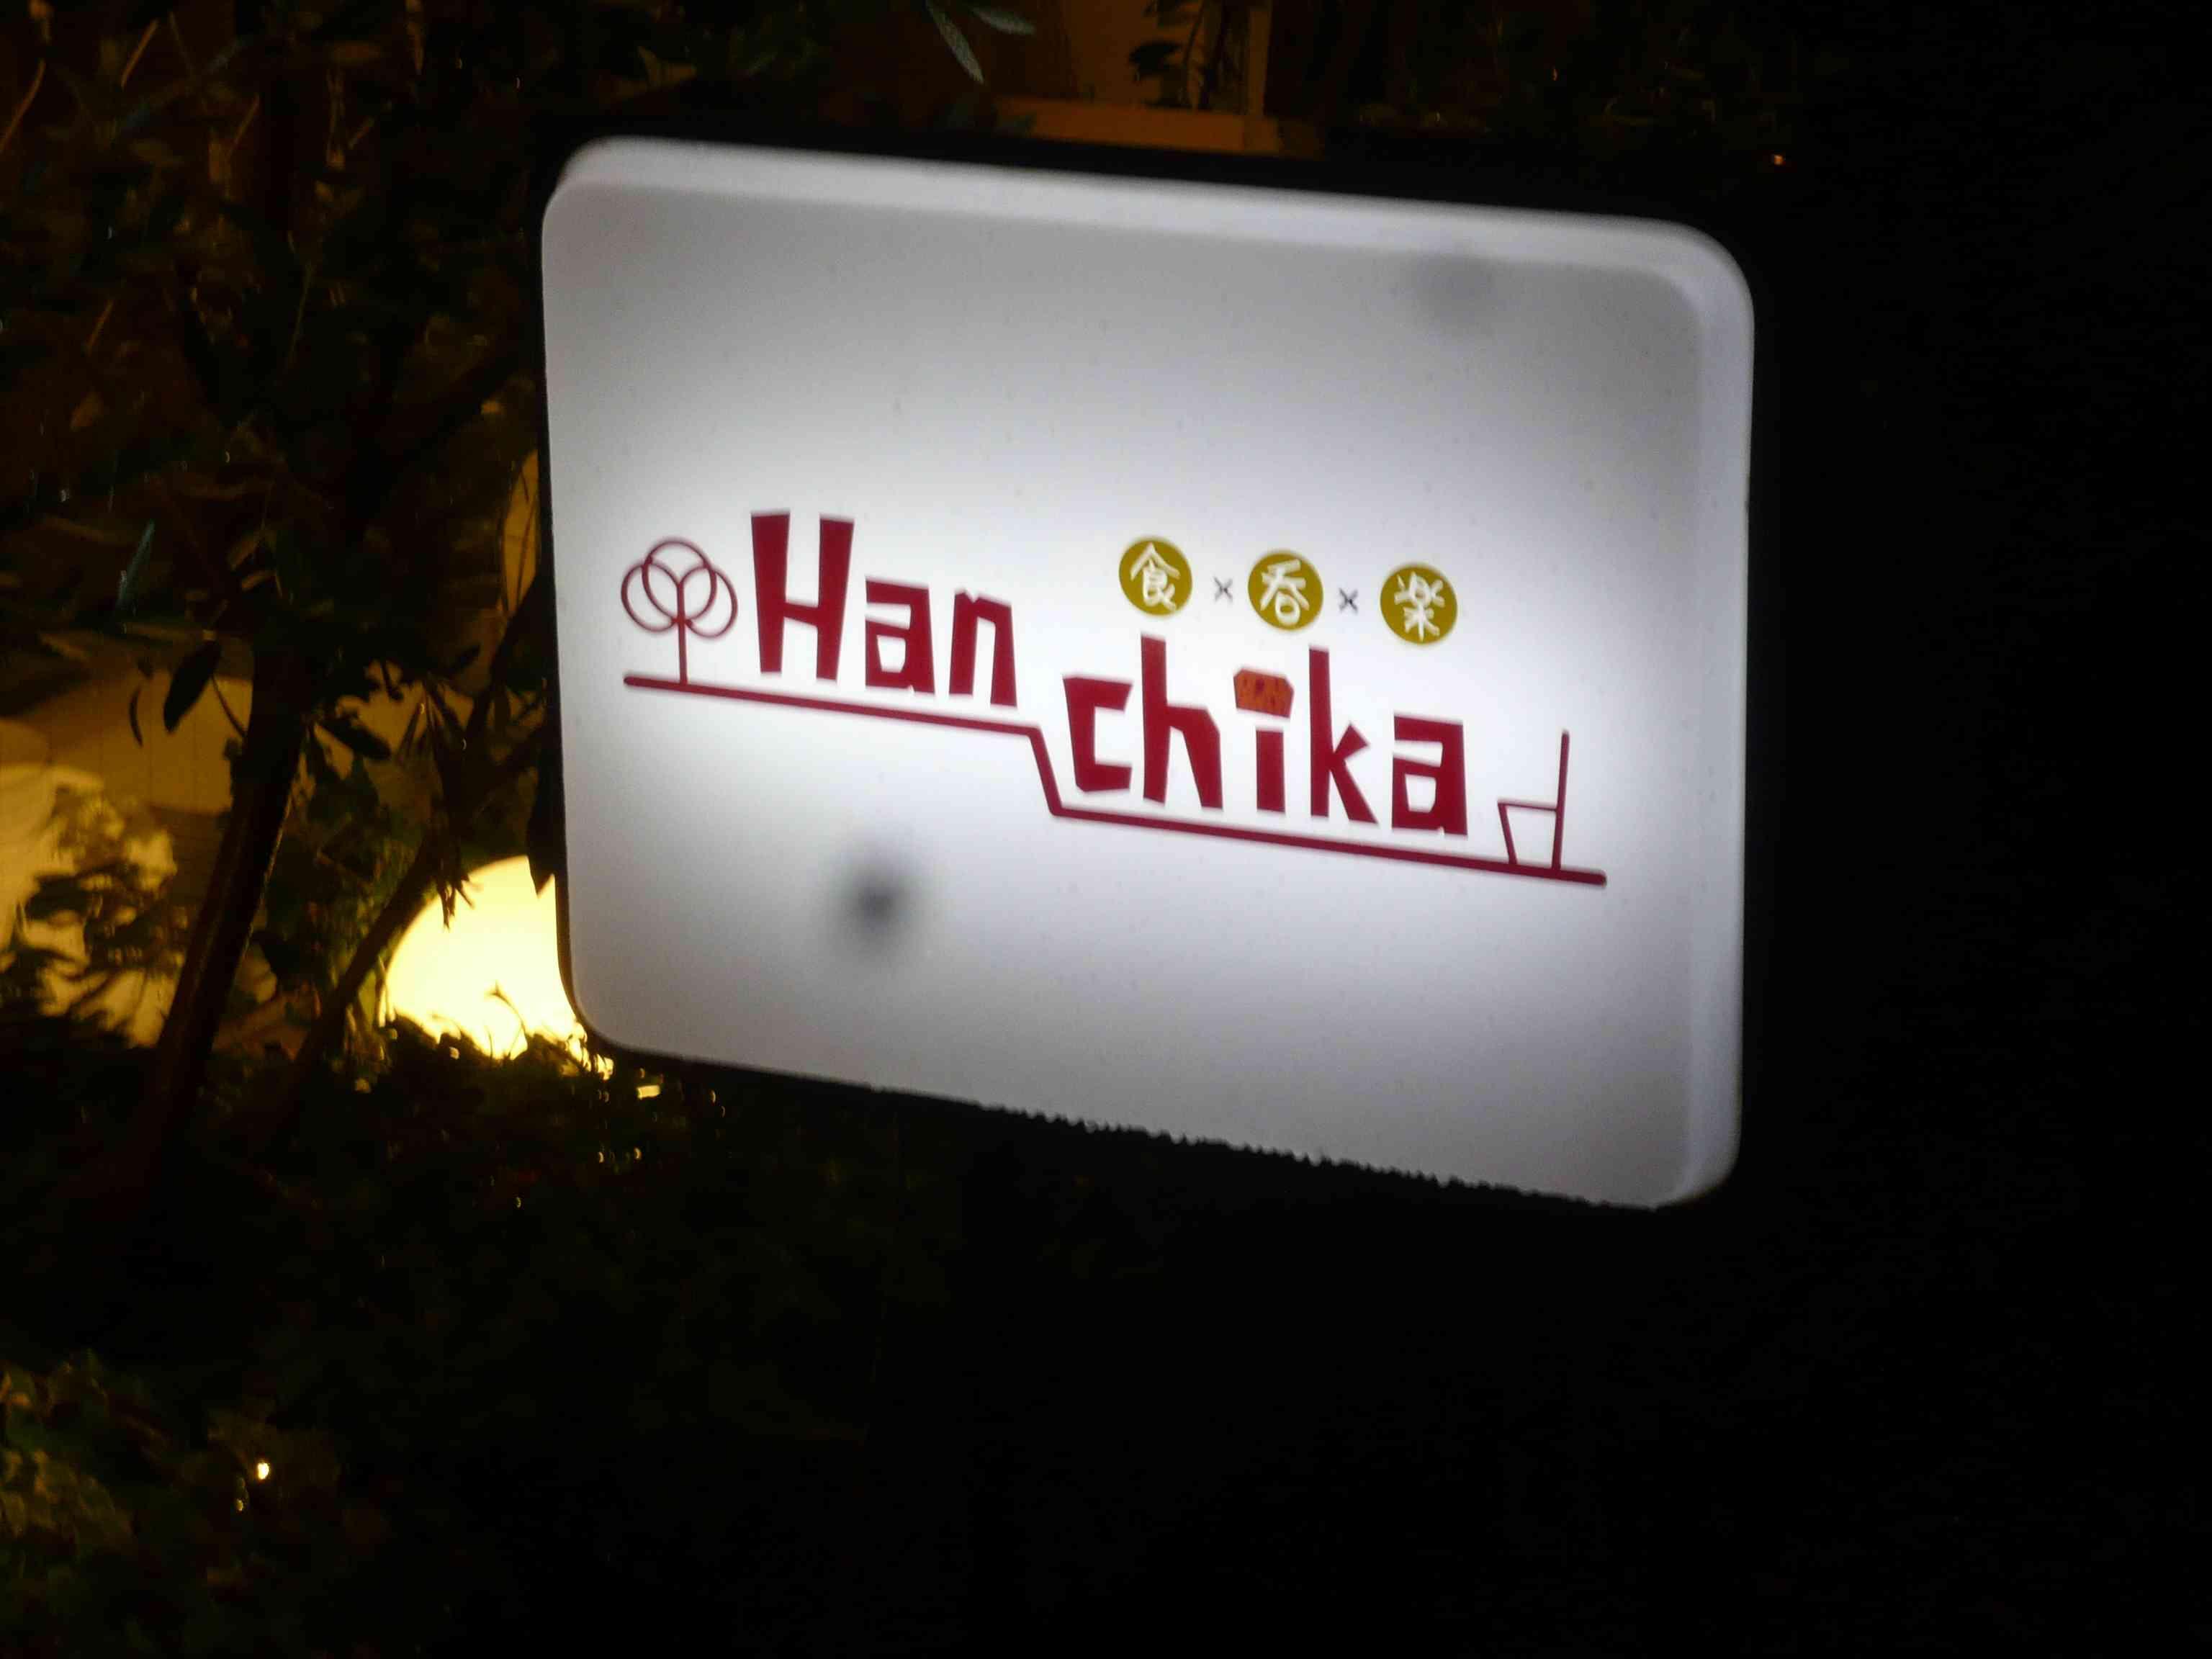 Hanchika